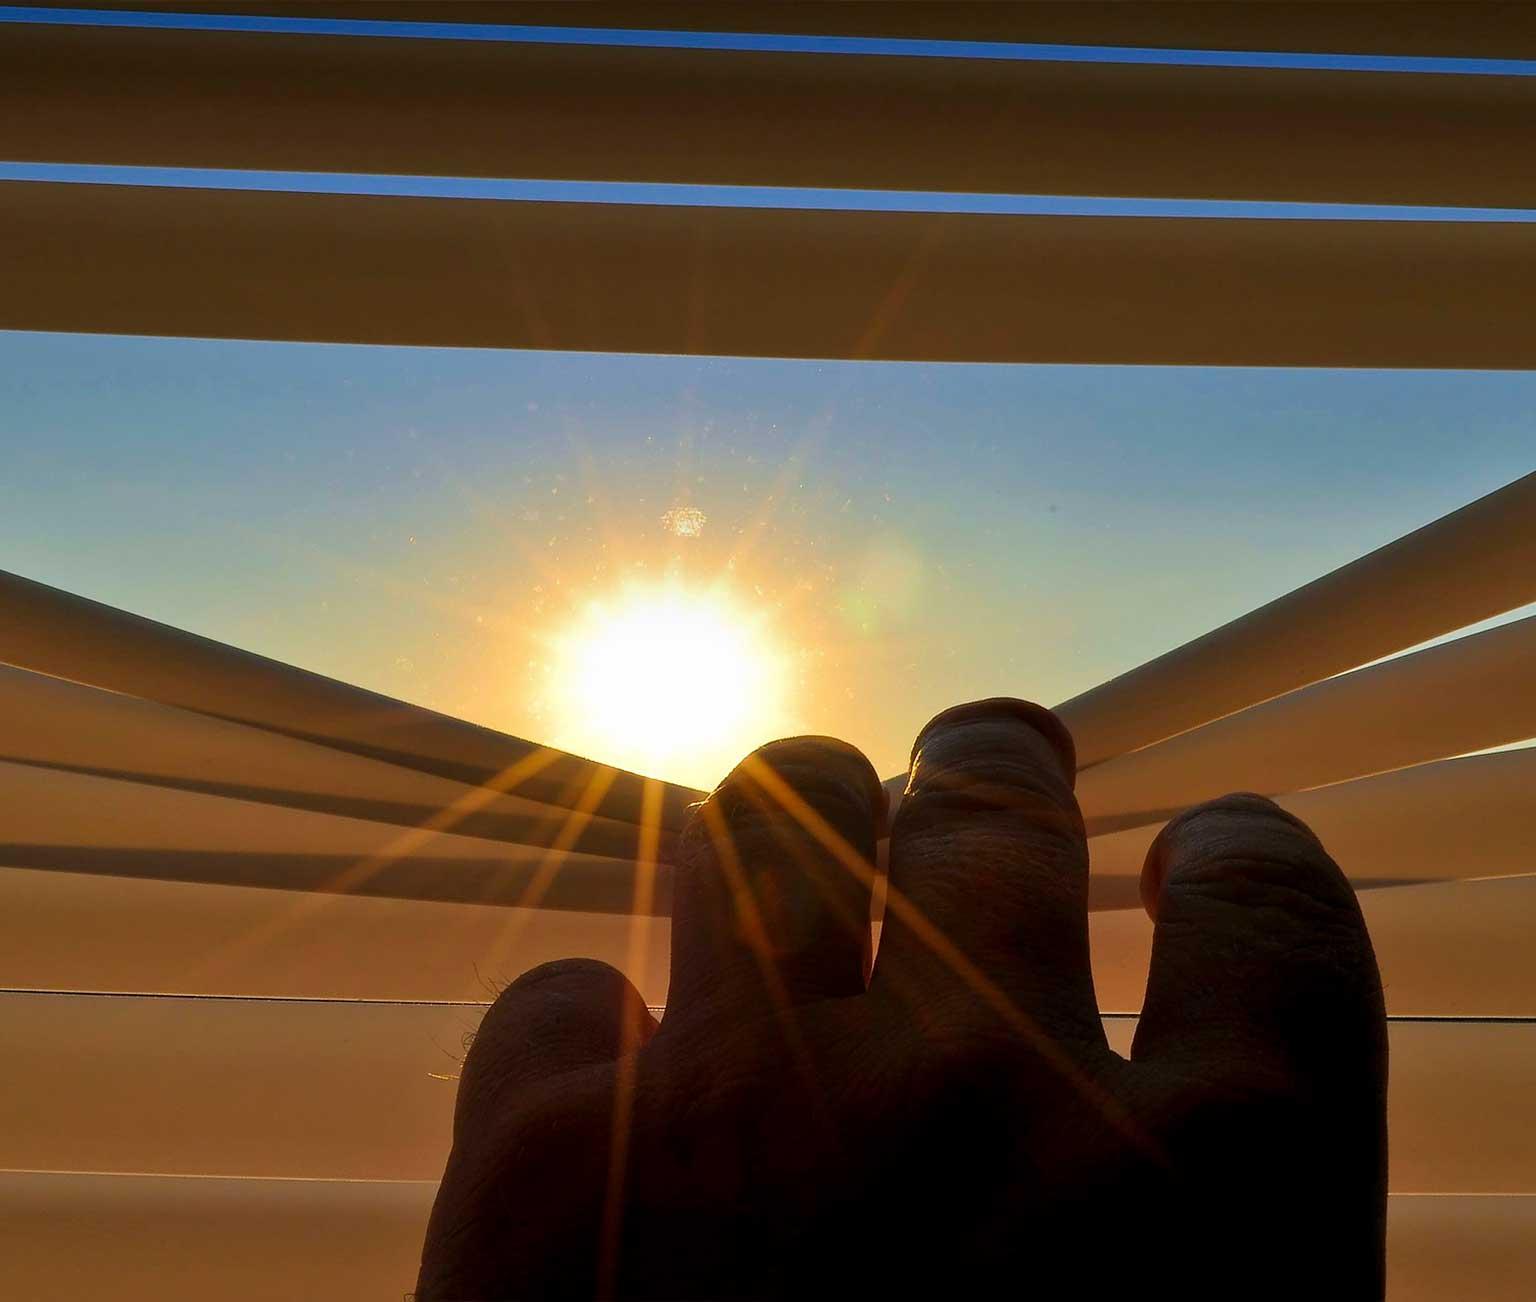 Sonnenschutz von Wimmer Bauelemente